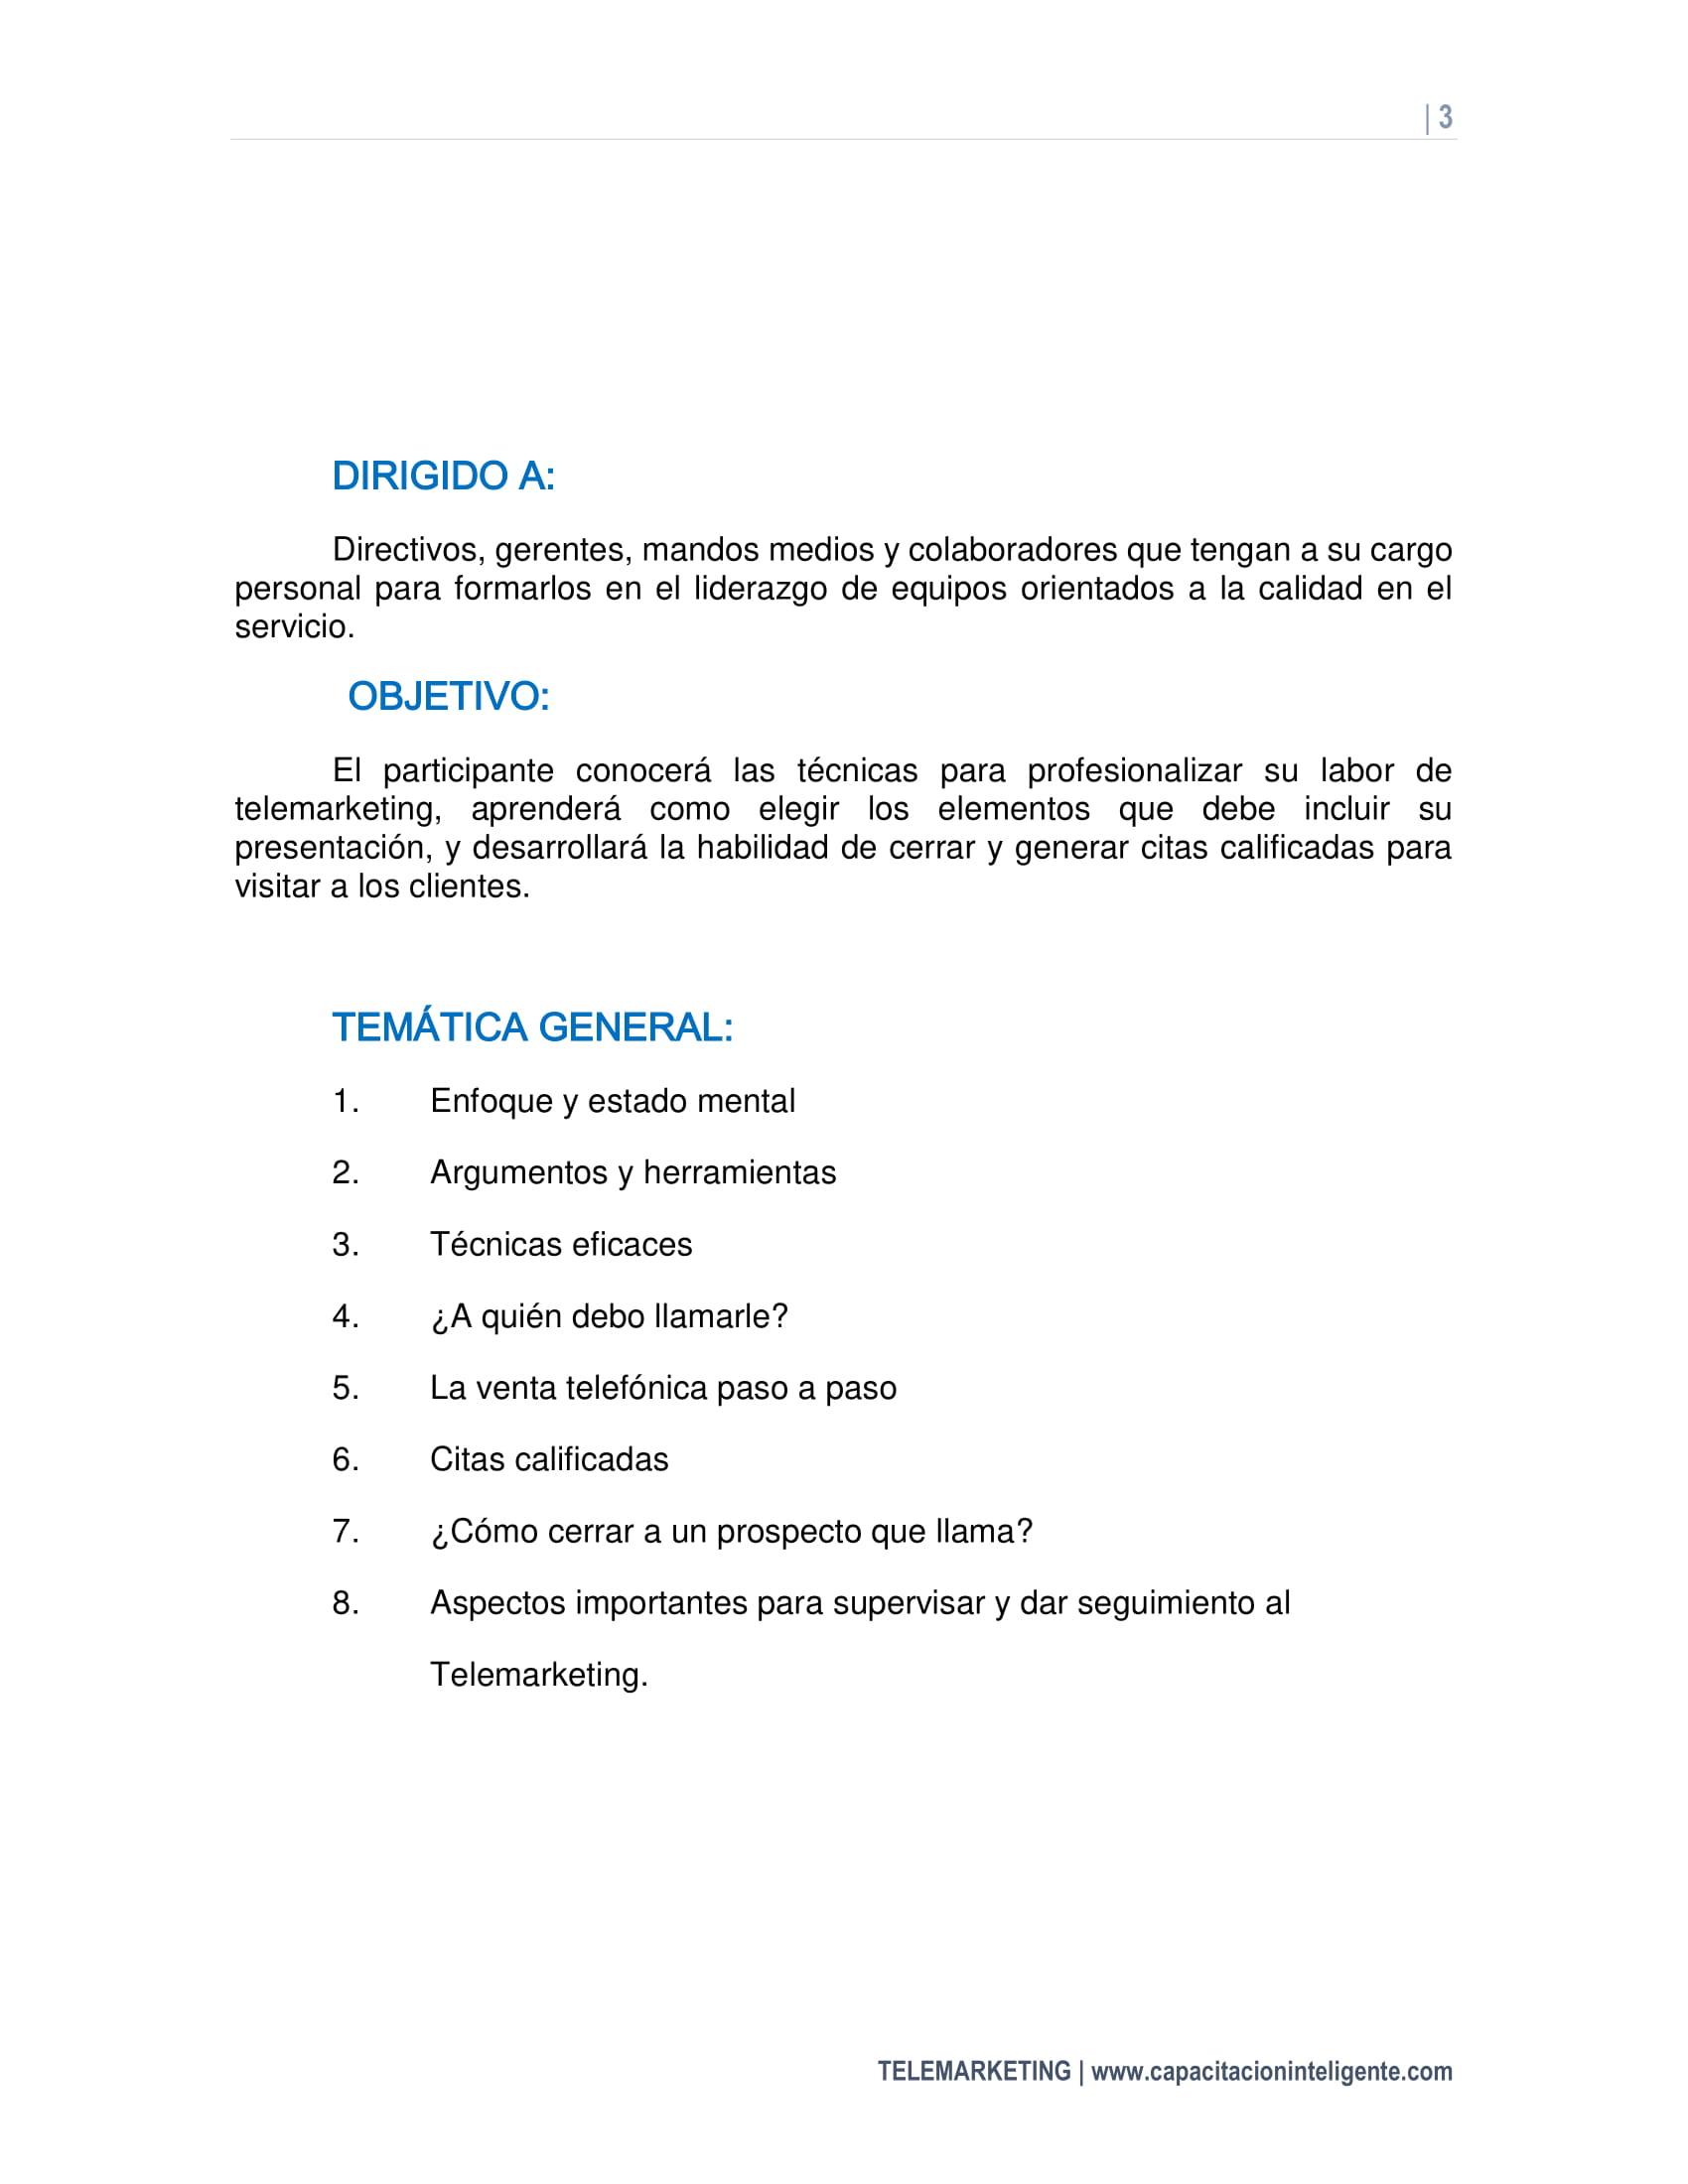 Manual_de_trabajo_TELEMARKETING-03